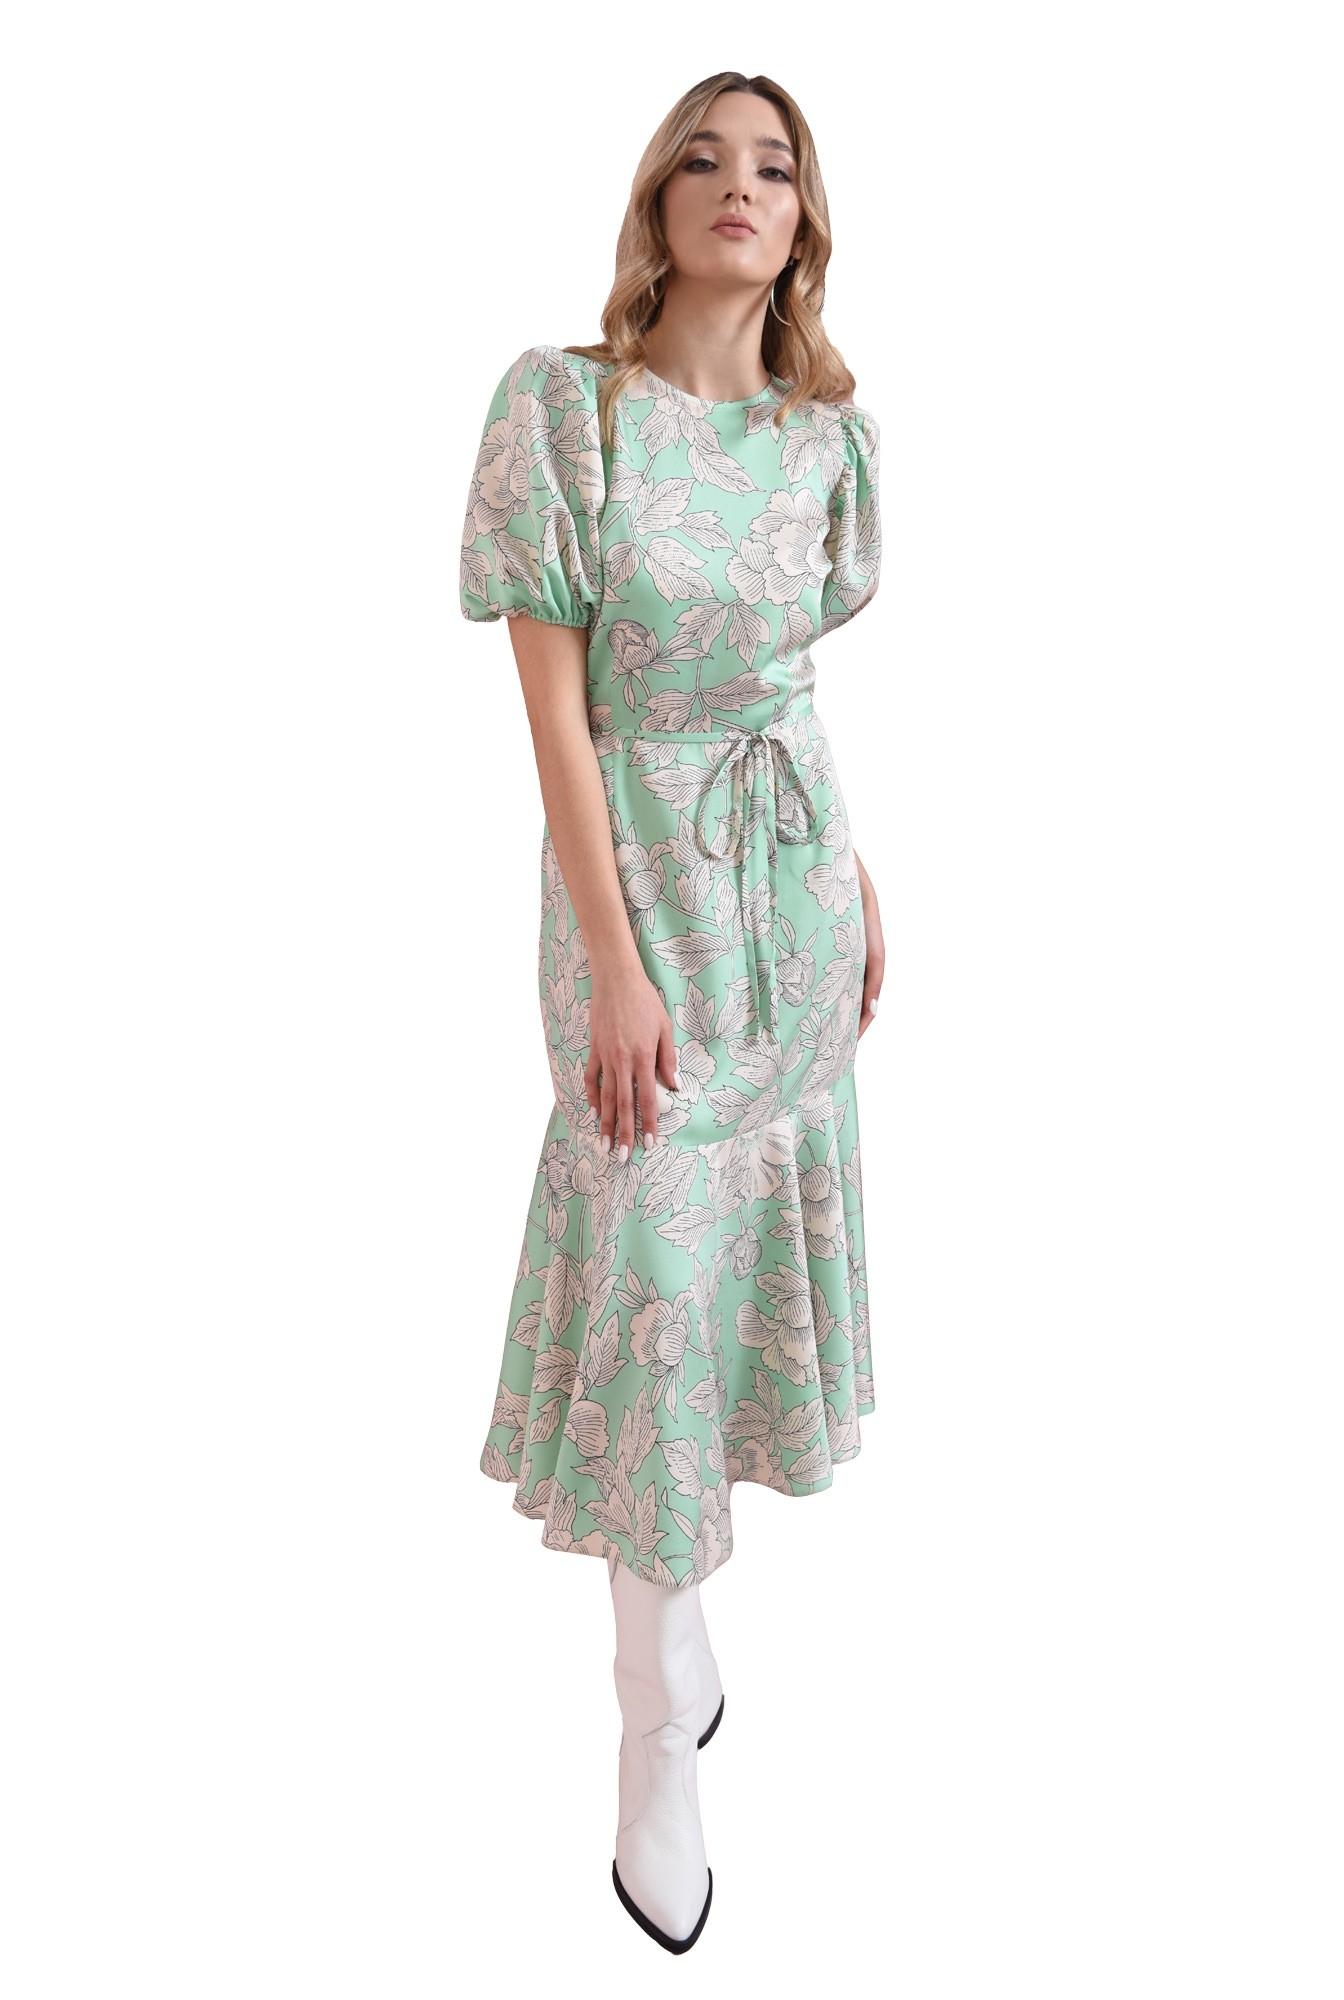 3 - rochie cu print, vernil, cu volan